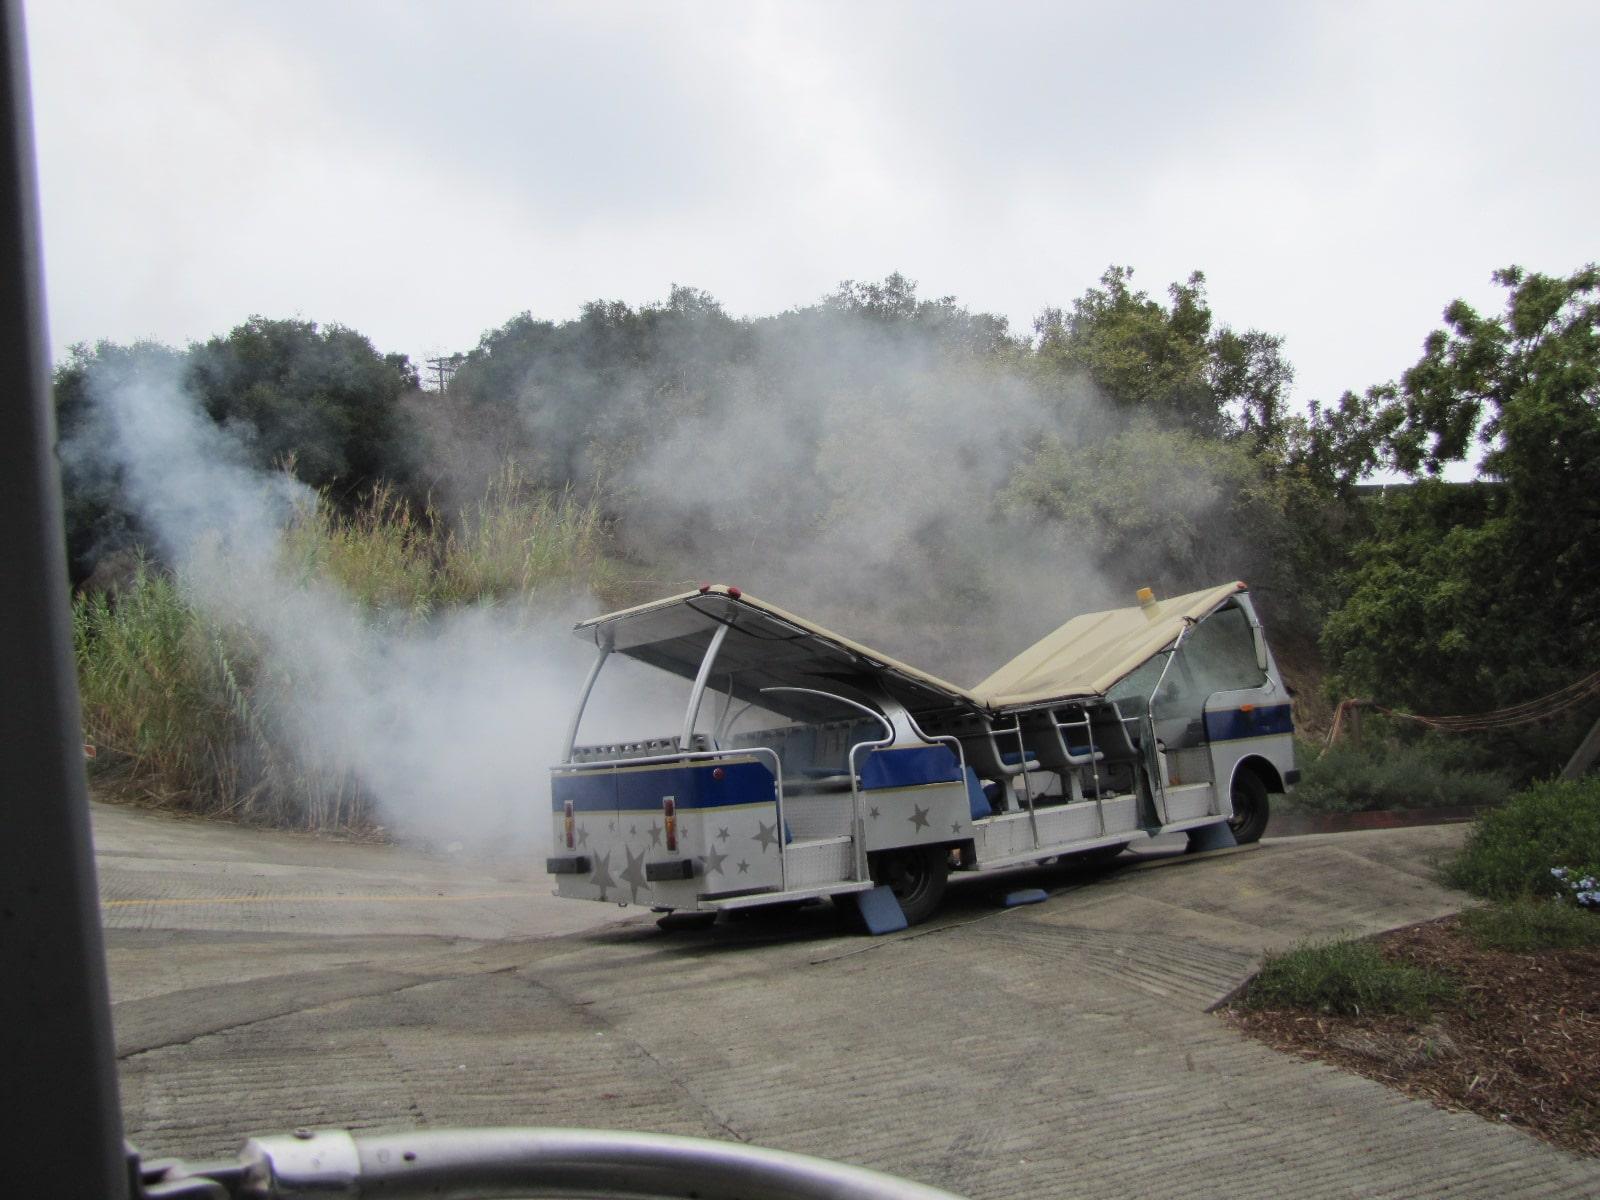 Accident de tram pendant la visite de King Kong